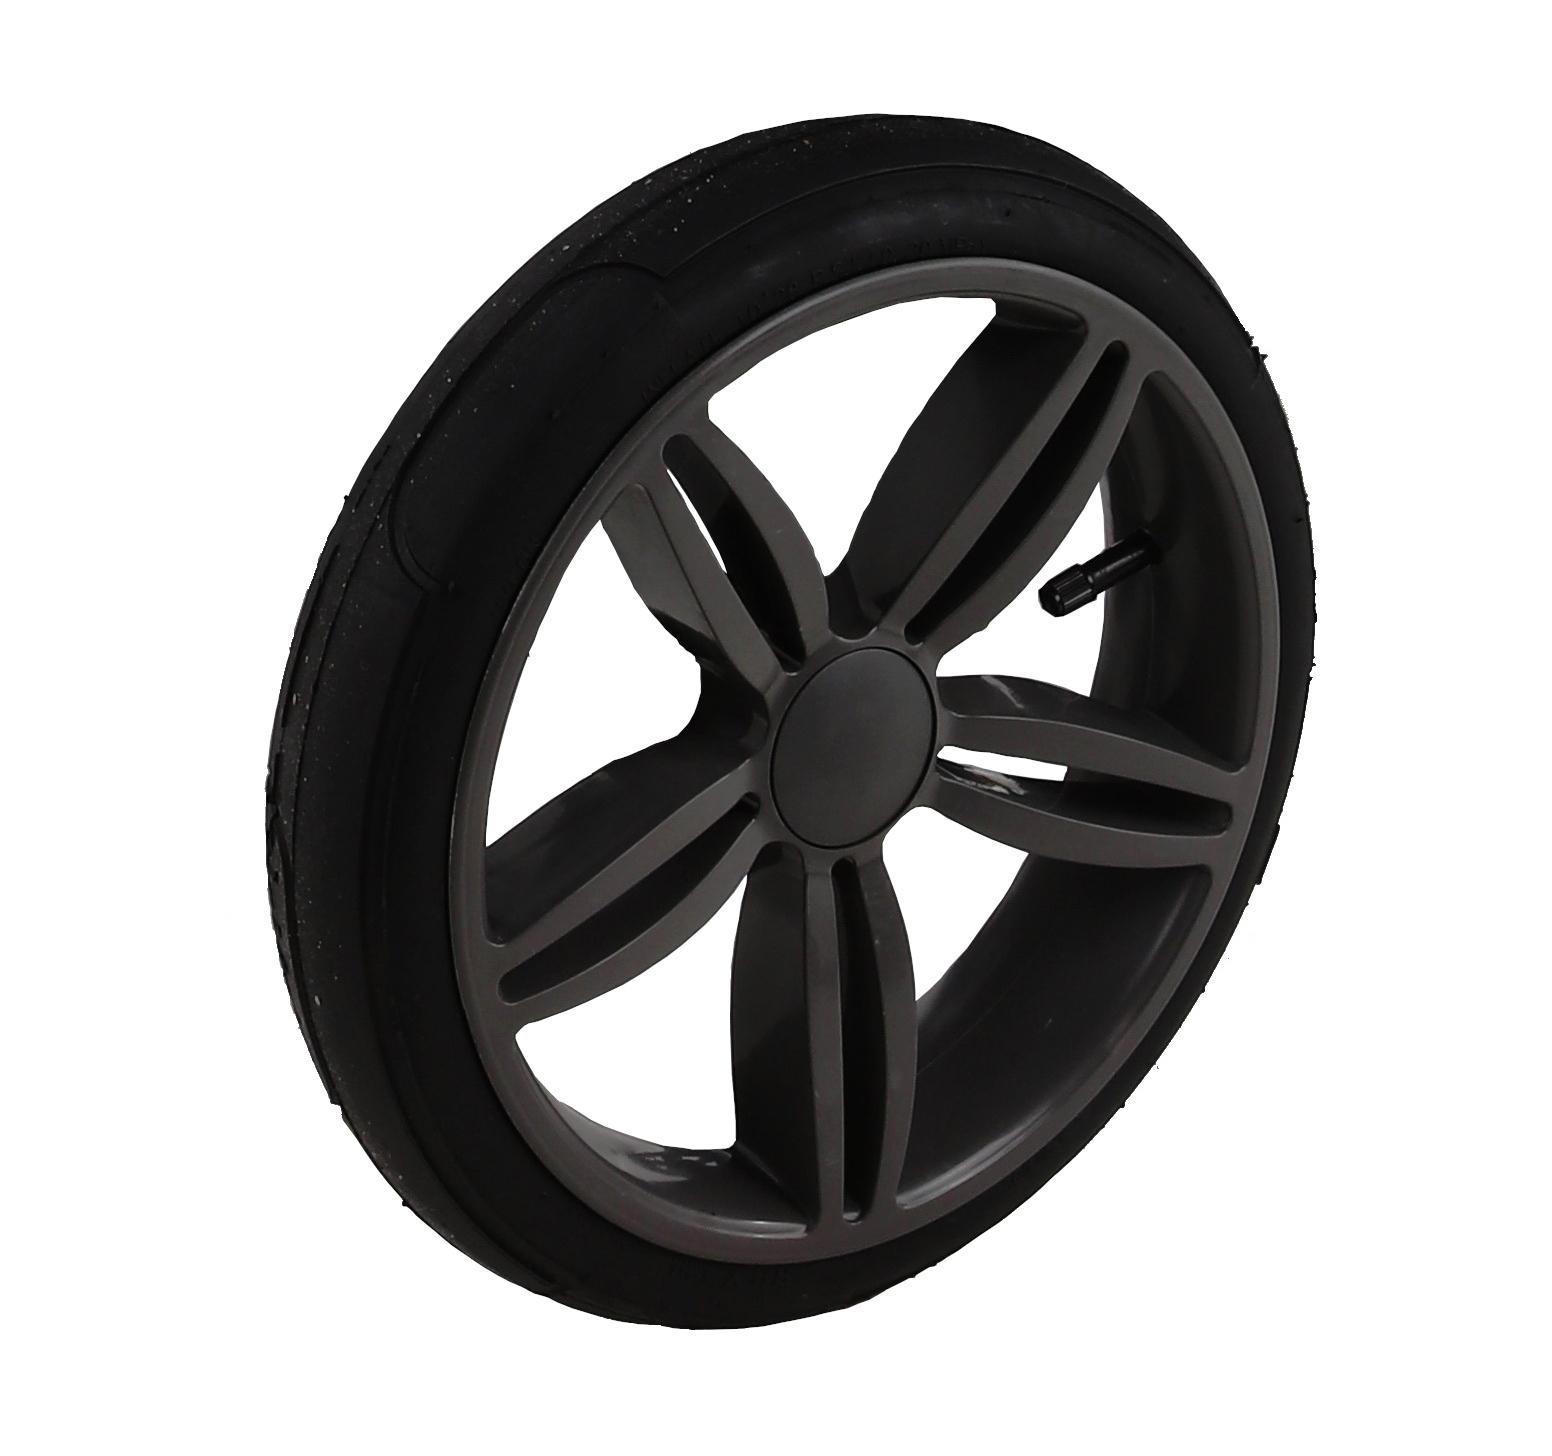 Заднее колесо для коляски Be2Me для классической коляски 2 в 1 Bellagio недорого